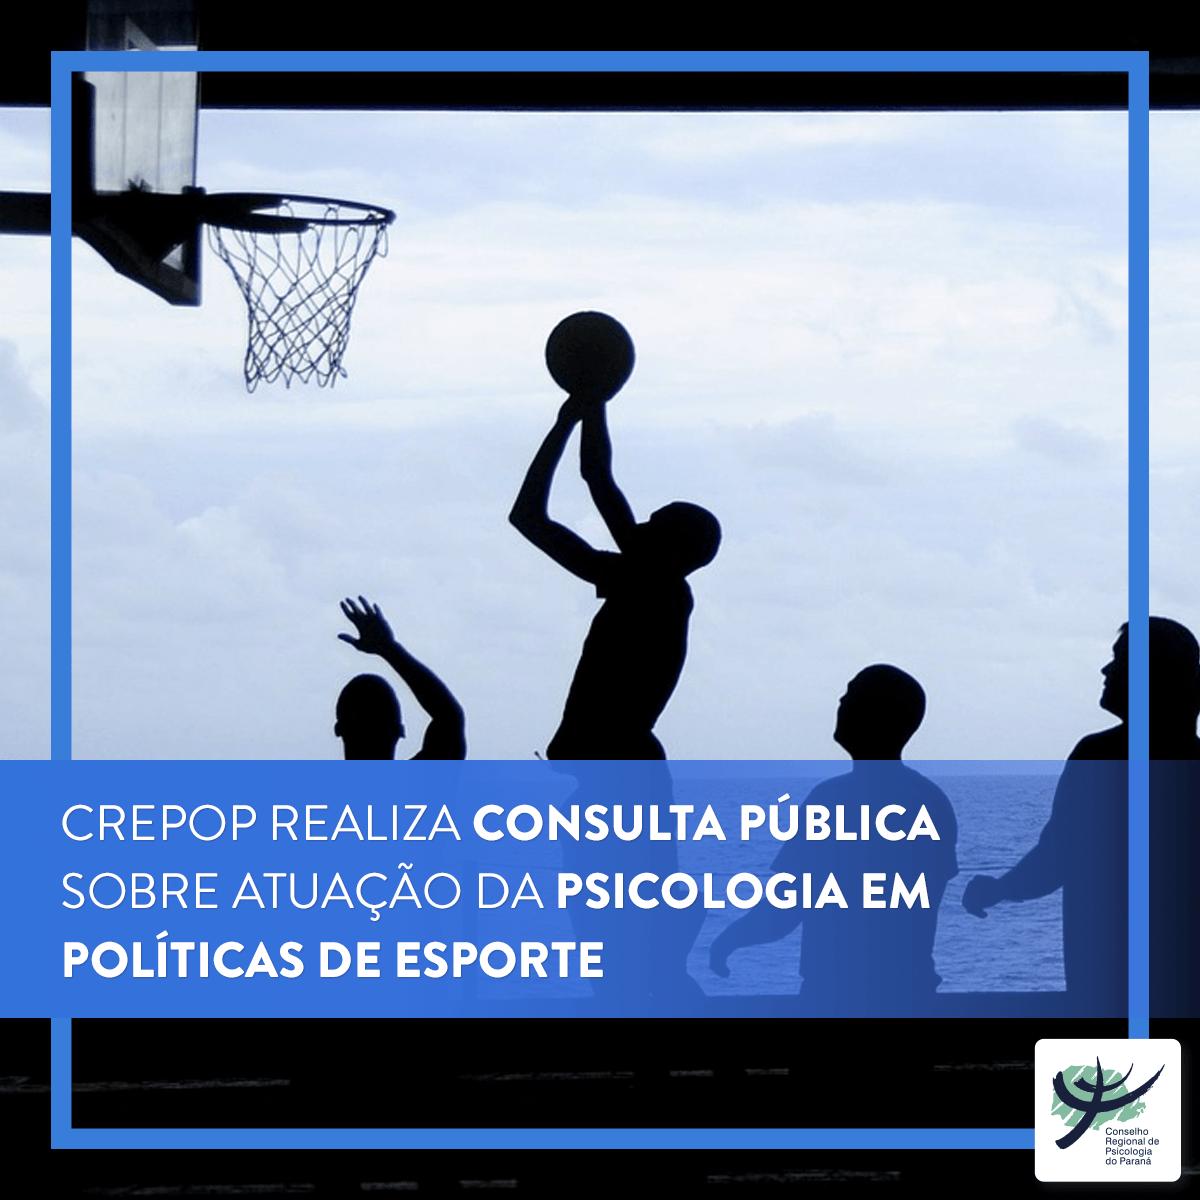 Crepop realiza consulta pública sobre atuação da Psicologia em políticas de esporte